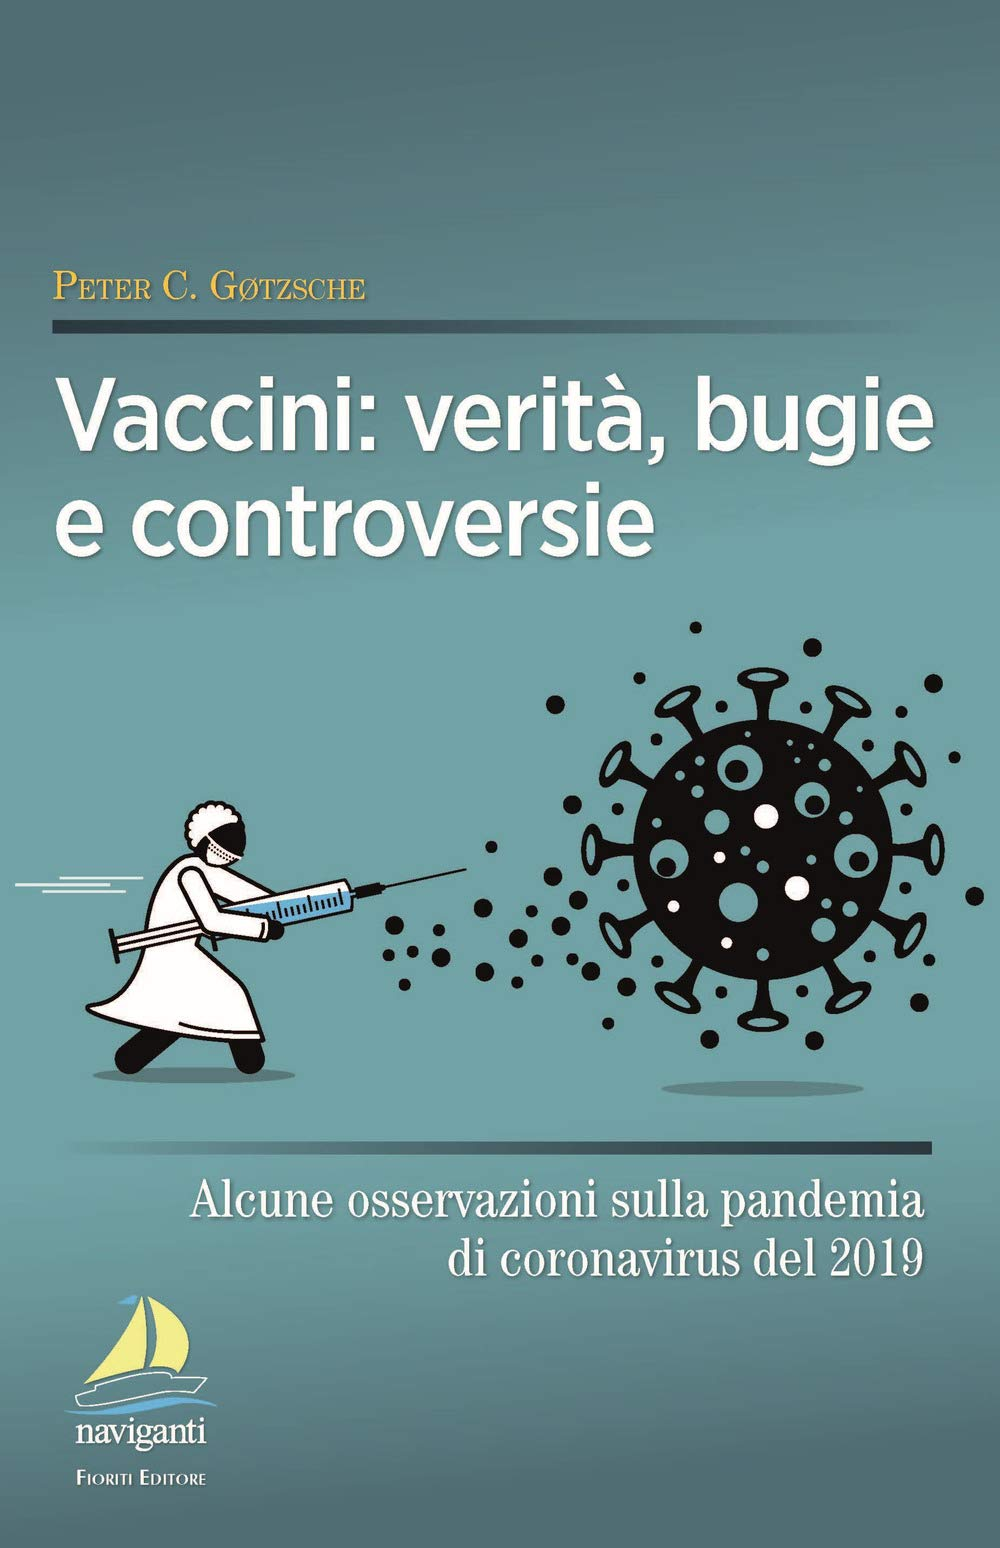 Vaccini Verito Bugie E Controversie Alcune Osservazioni Sulla Pandemia Di Coronavirus Del 2019 Gotzsche Peter C 9788899318154 Amazon Com Books